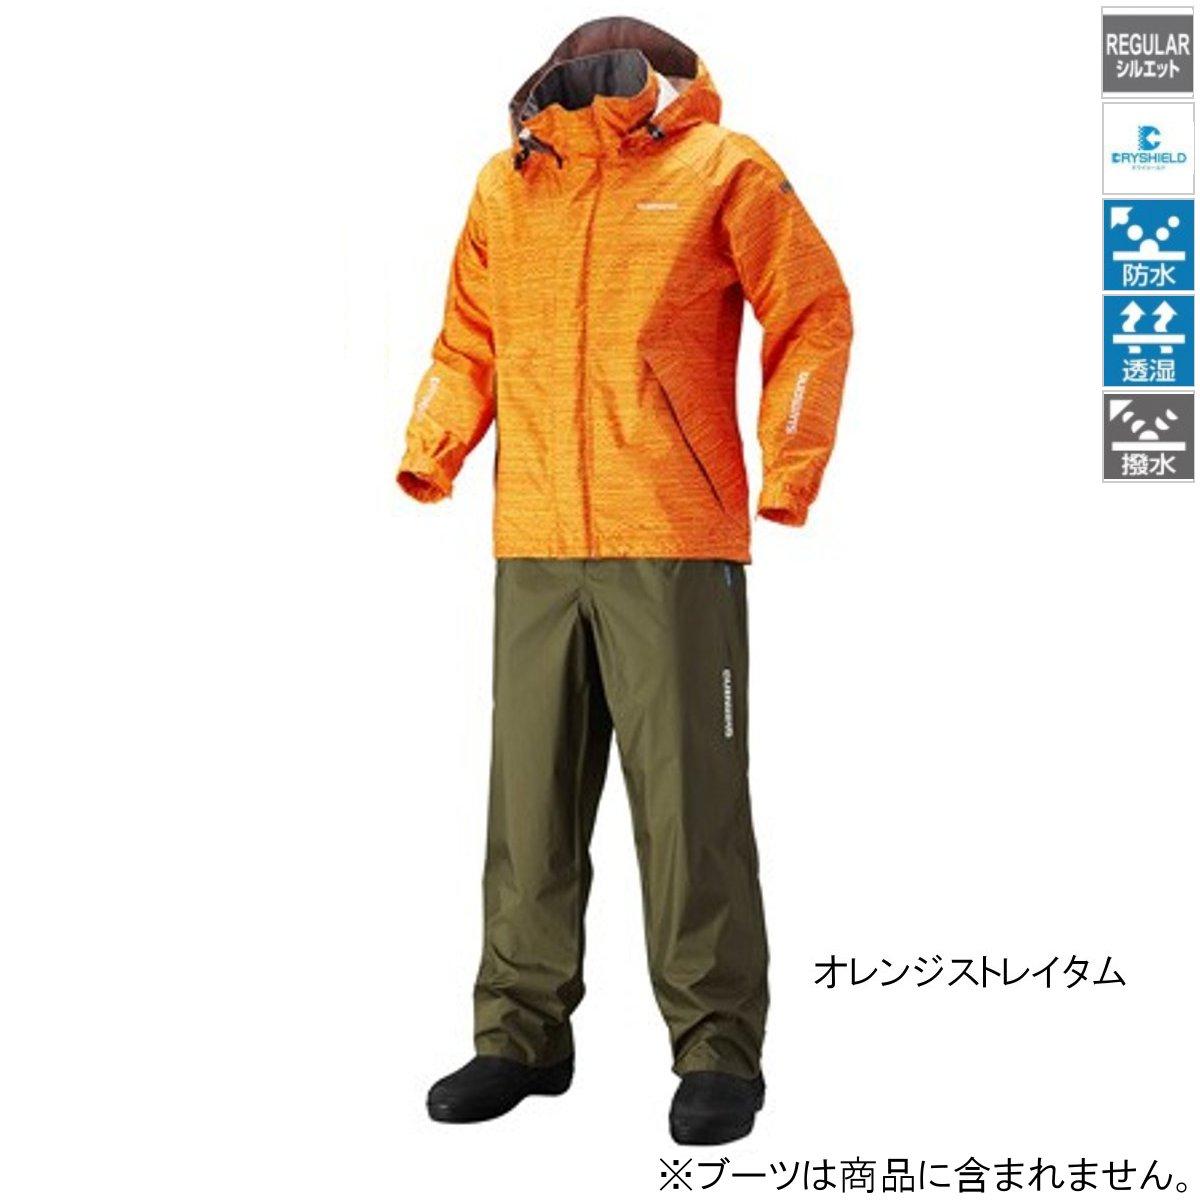 シマノ DSベーシックスーツ RA-027Q M オレンジストレイタム